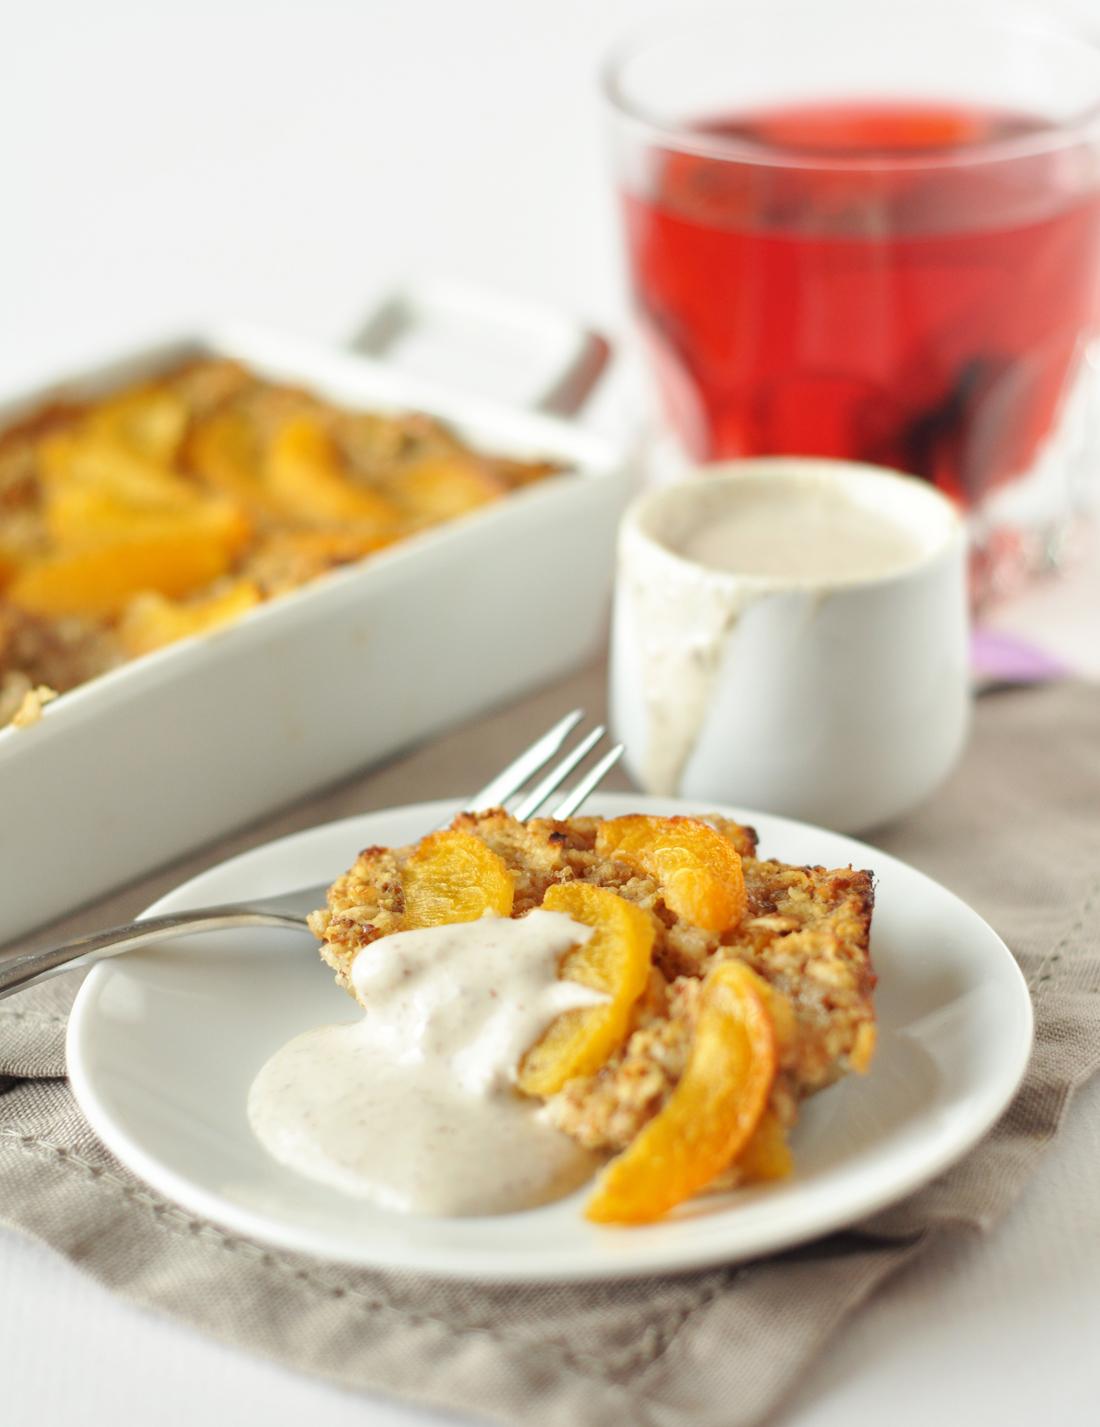 apricot bake 3a.jpg